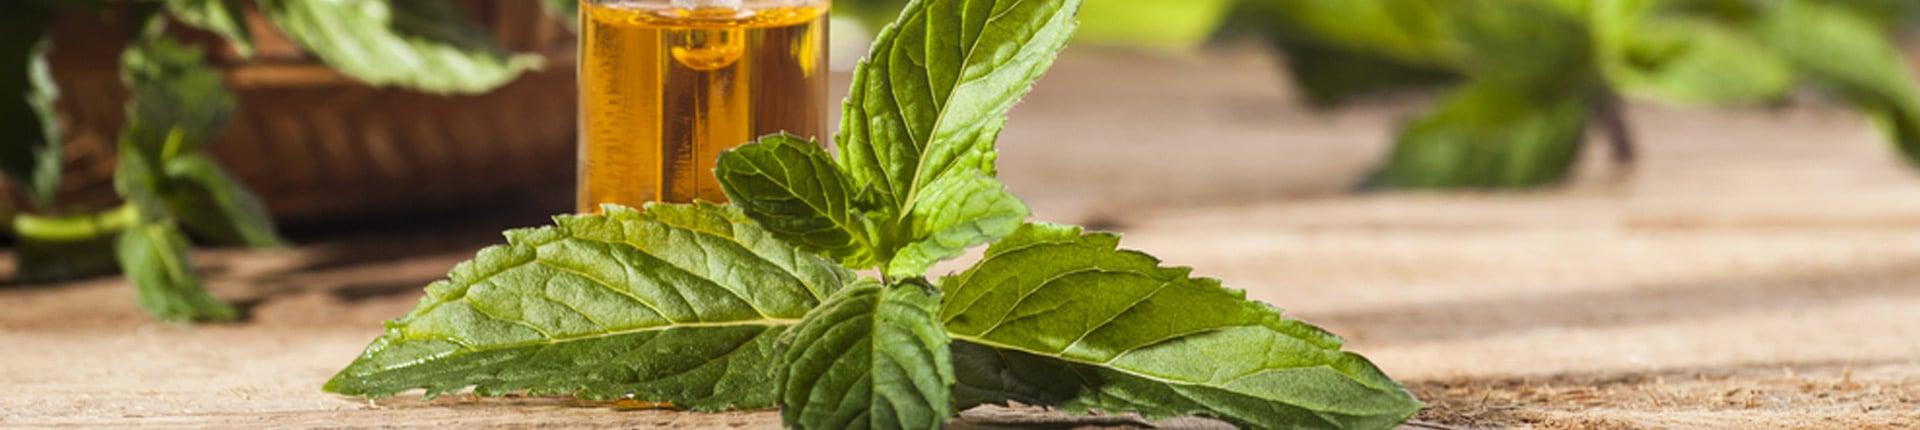 Pulegon: rakotwórczy składnik olejku z mięty?